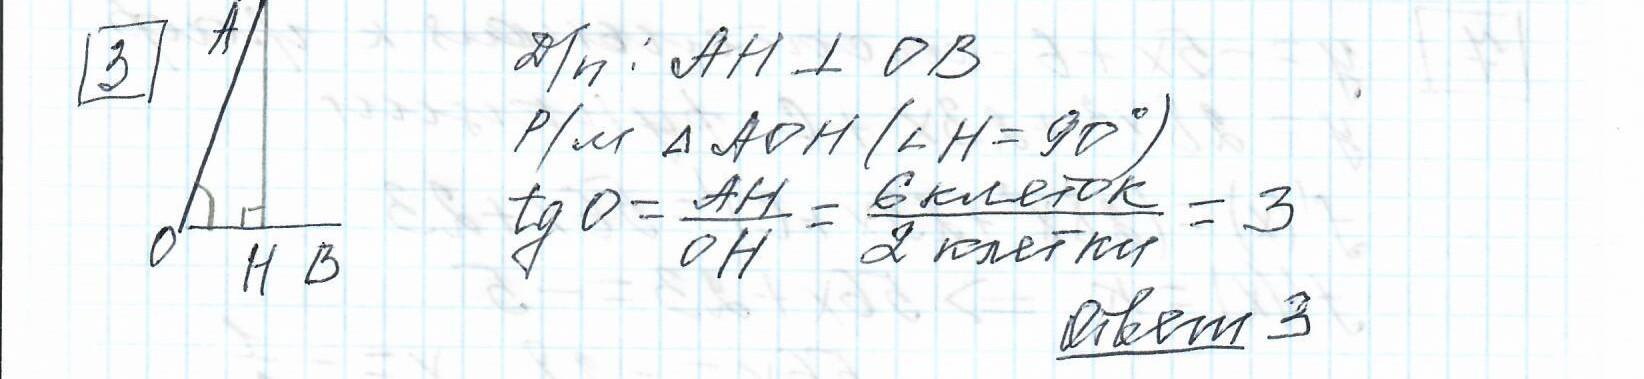 Задние 3, Вариант 6, решение и ответ - Ященко ЕГЭ 2019 математика профиль 36 вариантов